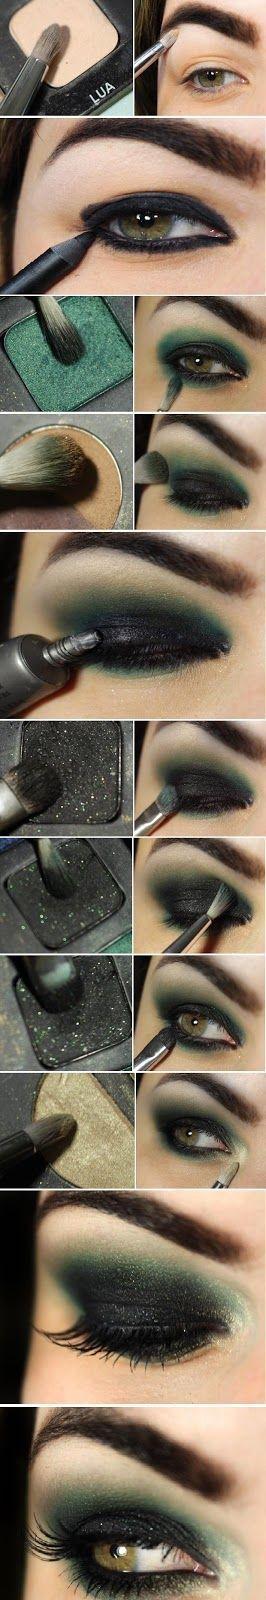 Maquillage Yeux – How to: Einfach Sexy Schwarz & Grün Mak